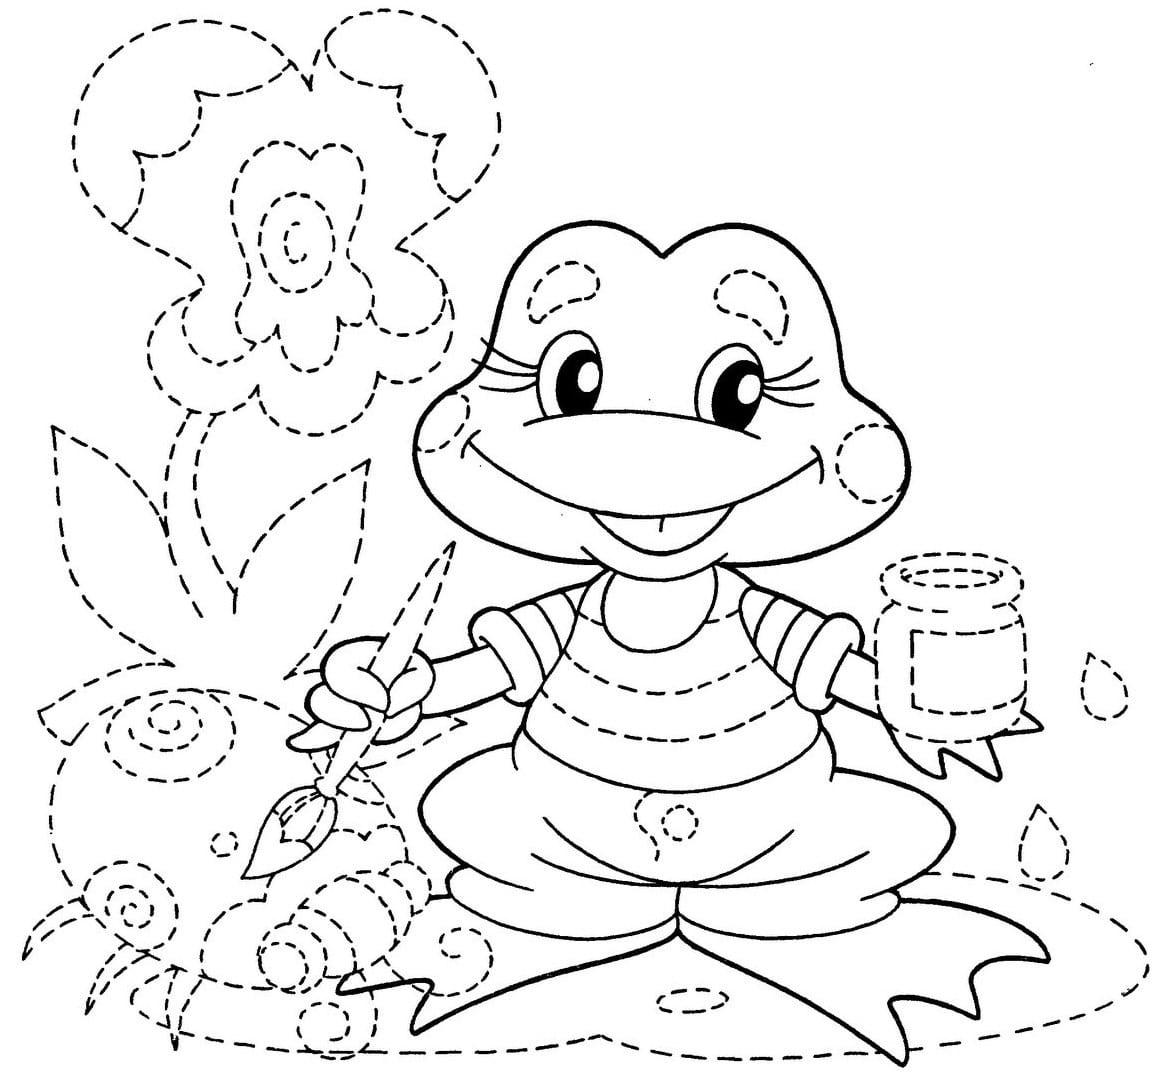 Desenhos Pontilhados Para Imprimir E Colorir – Pampekids Net